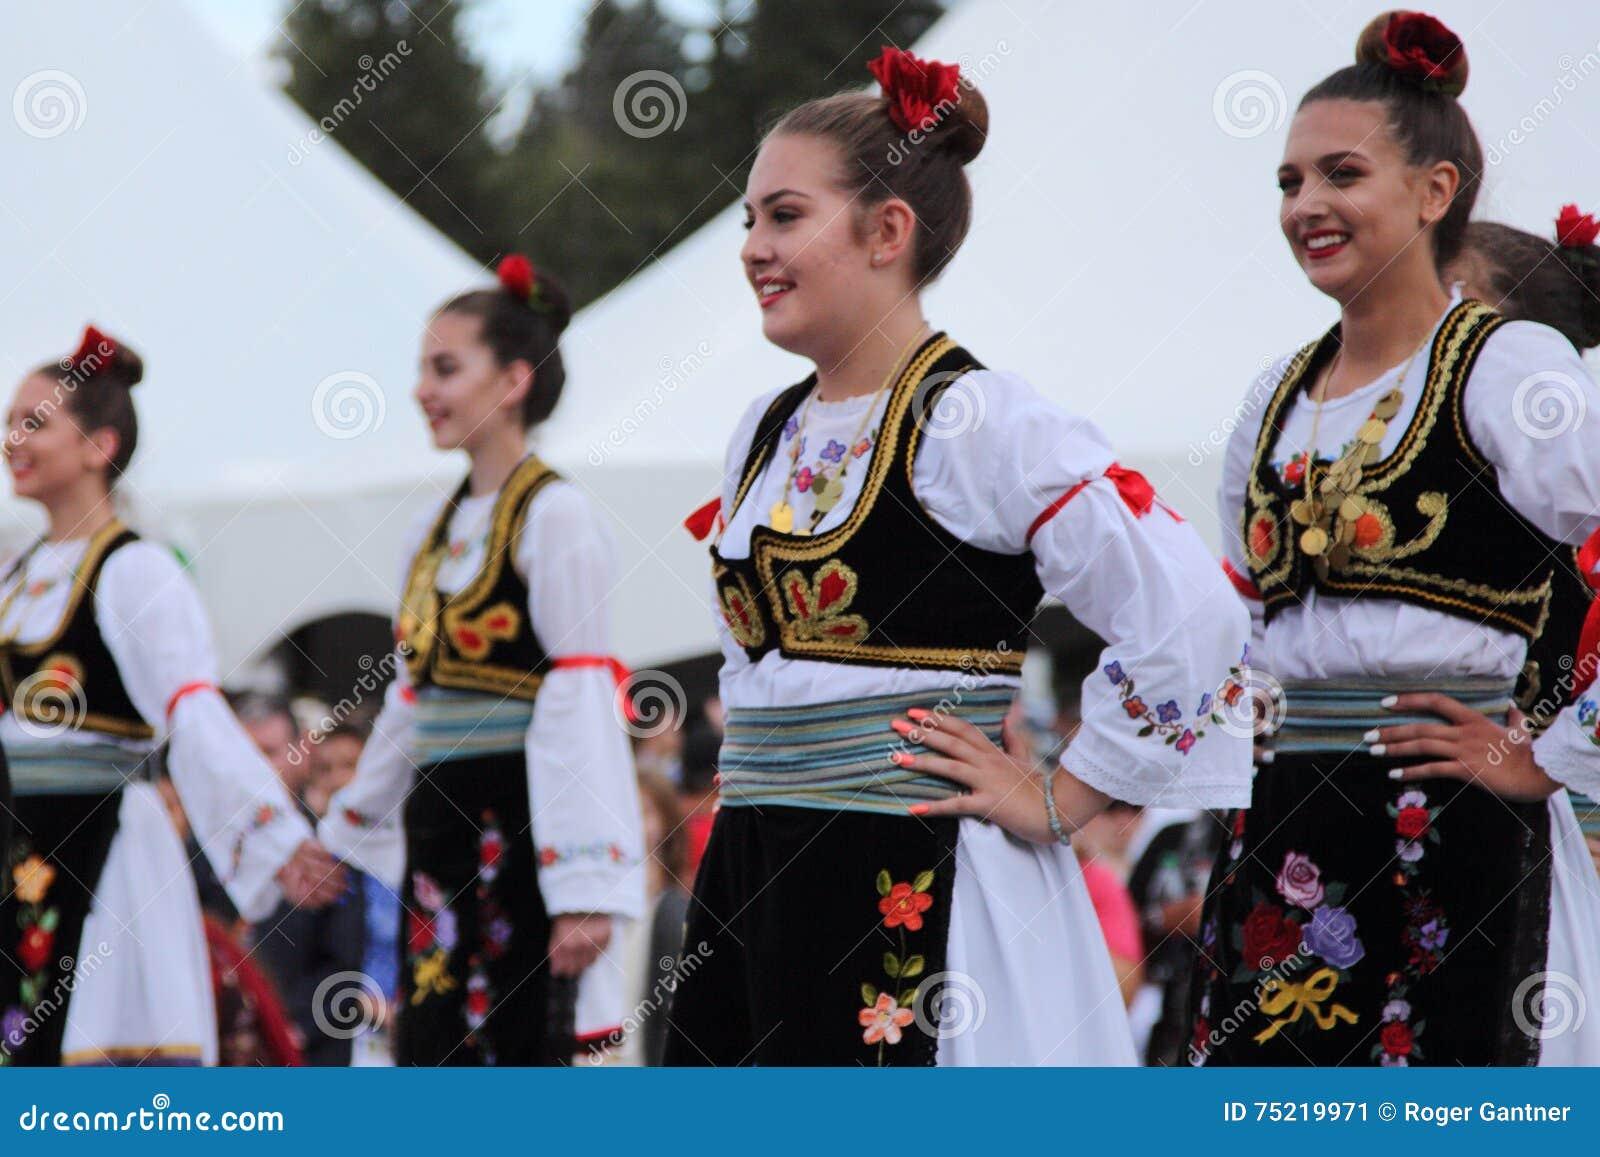 Ensemble serbe de danse folklorique